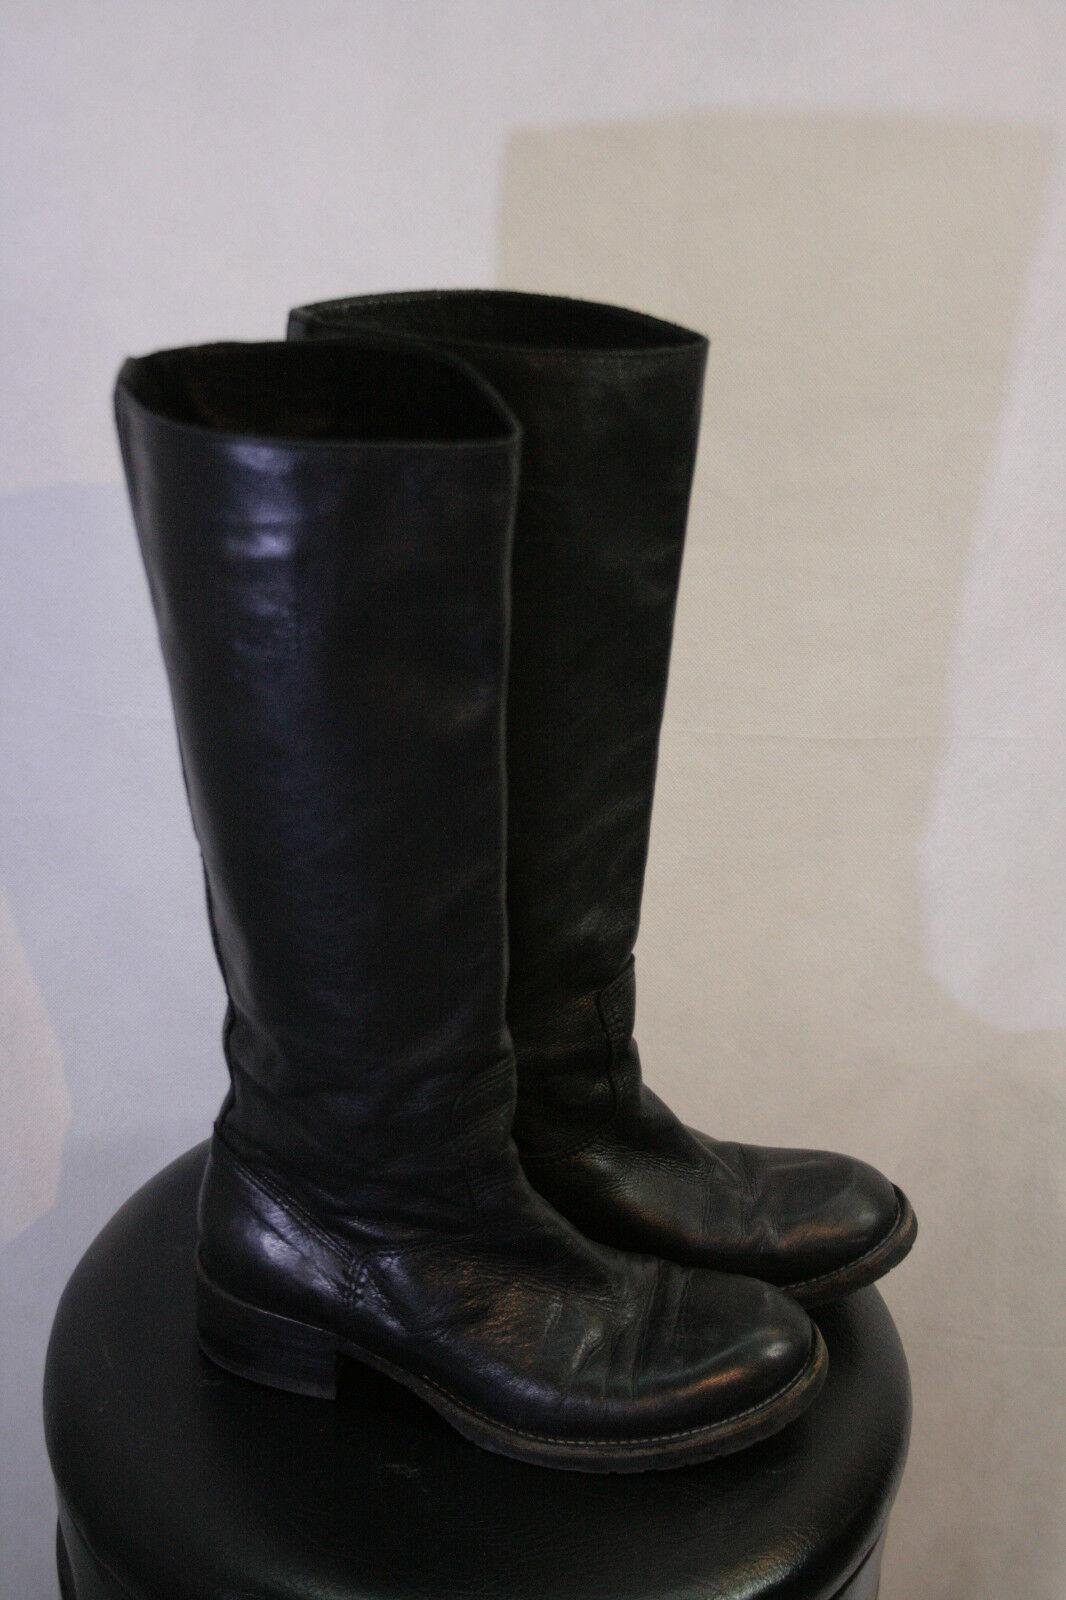 Stiefel schwarz GR.38   Klassisch  BITTE MESSEN